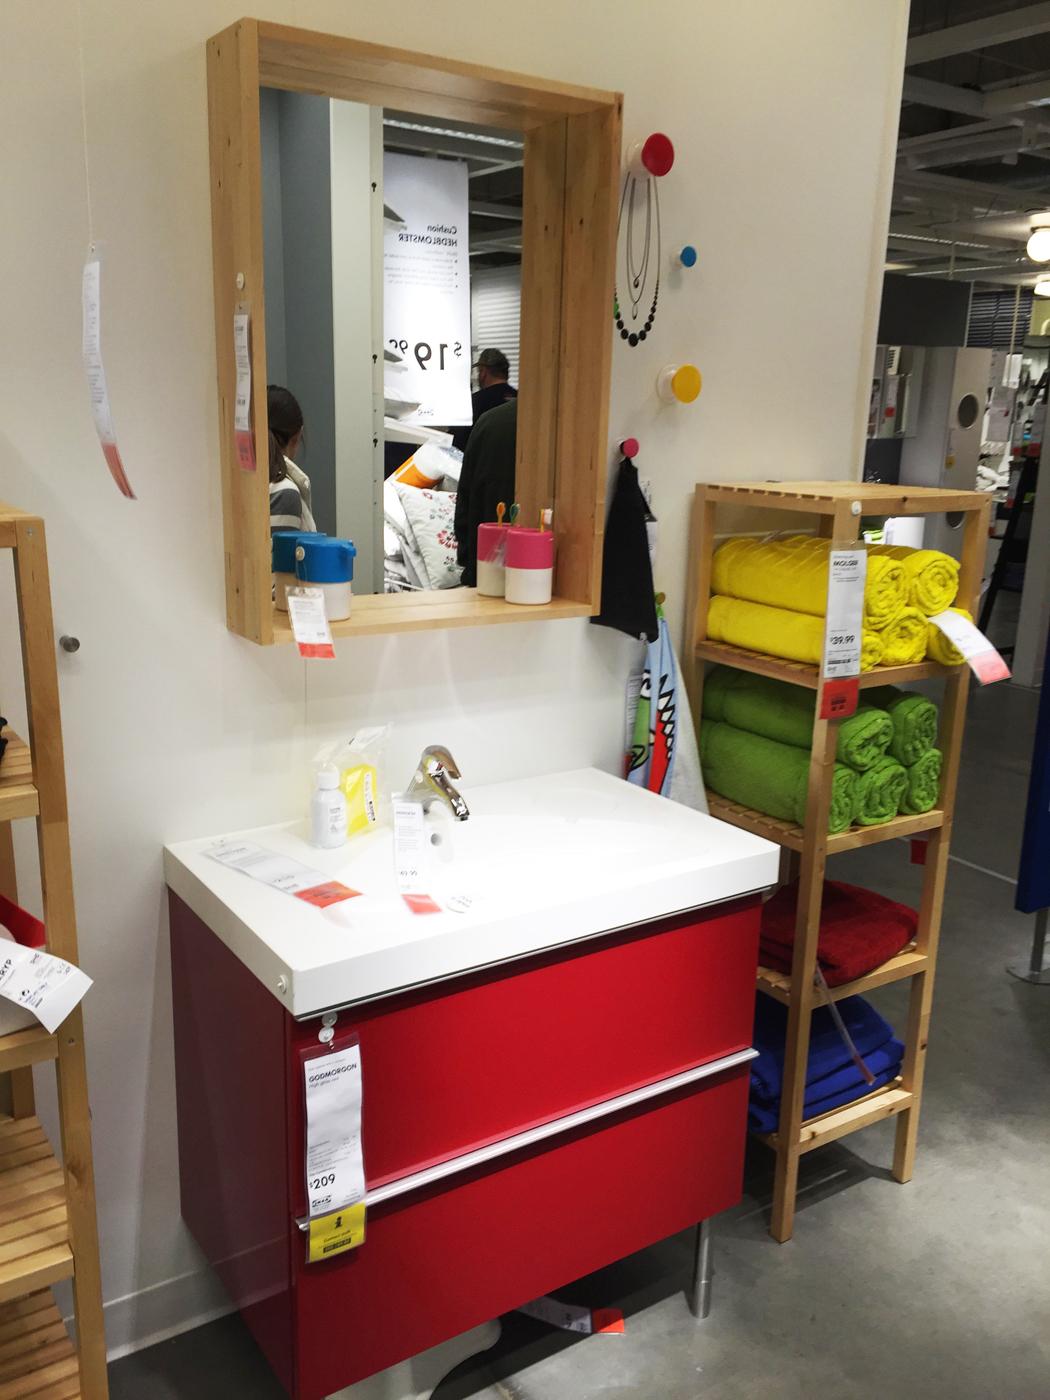 Ikea Sink 3